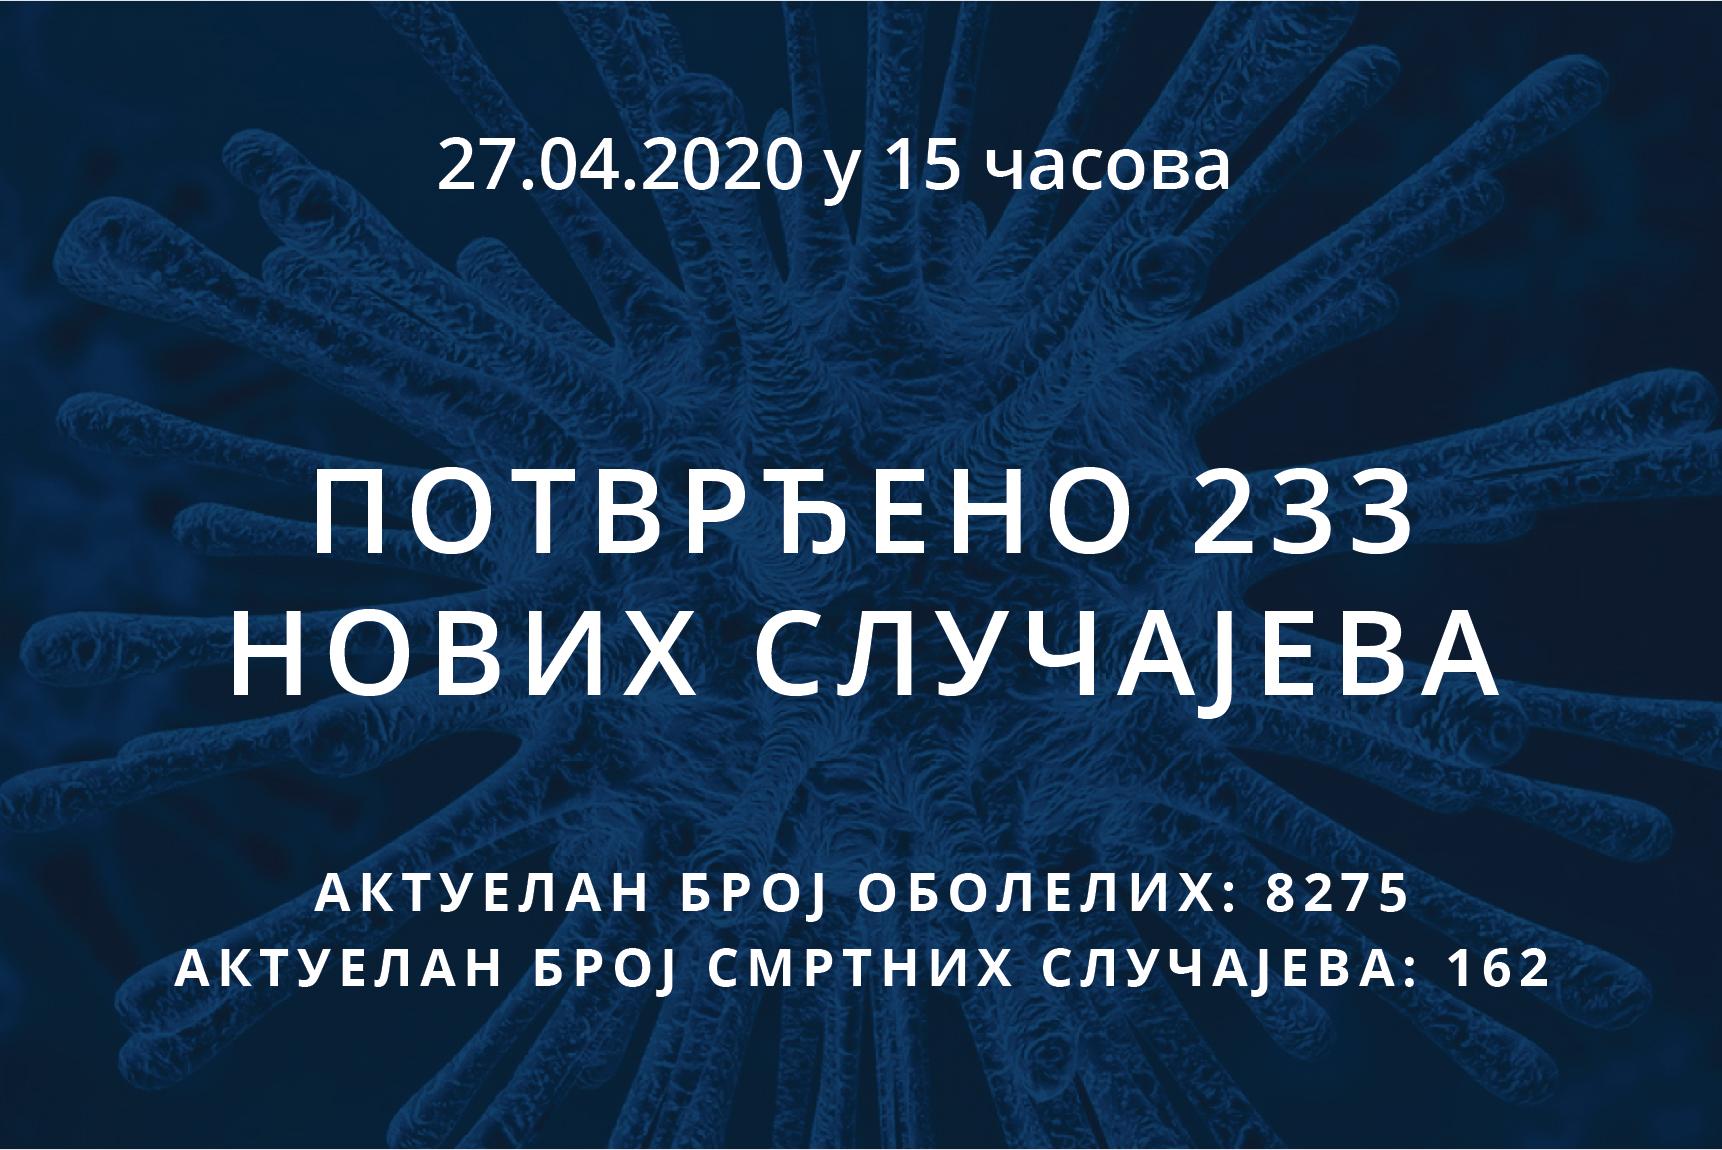 Информације о корона вирусу COVID-19, 27.04.2020 у 15 часова